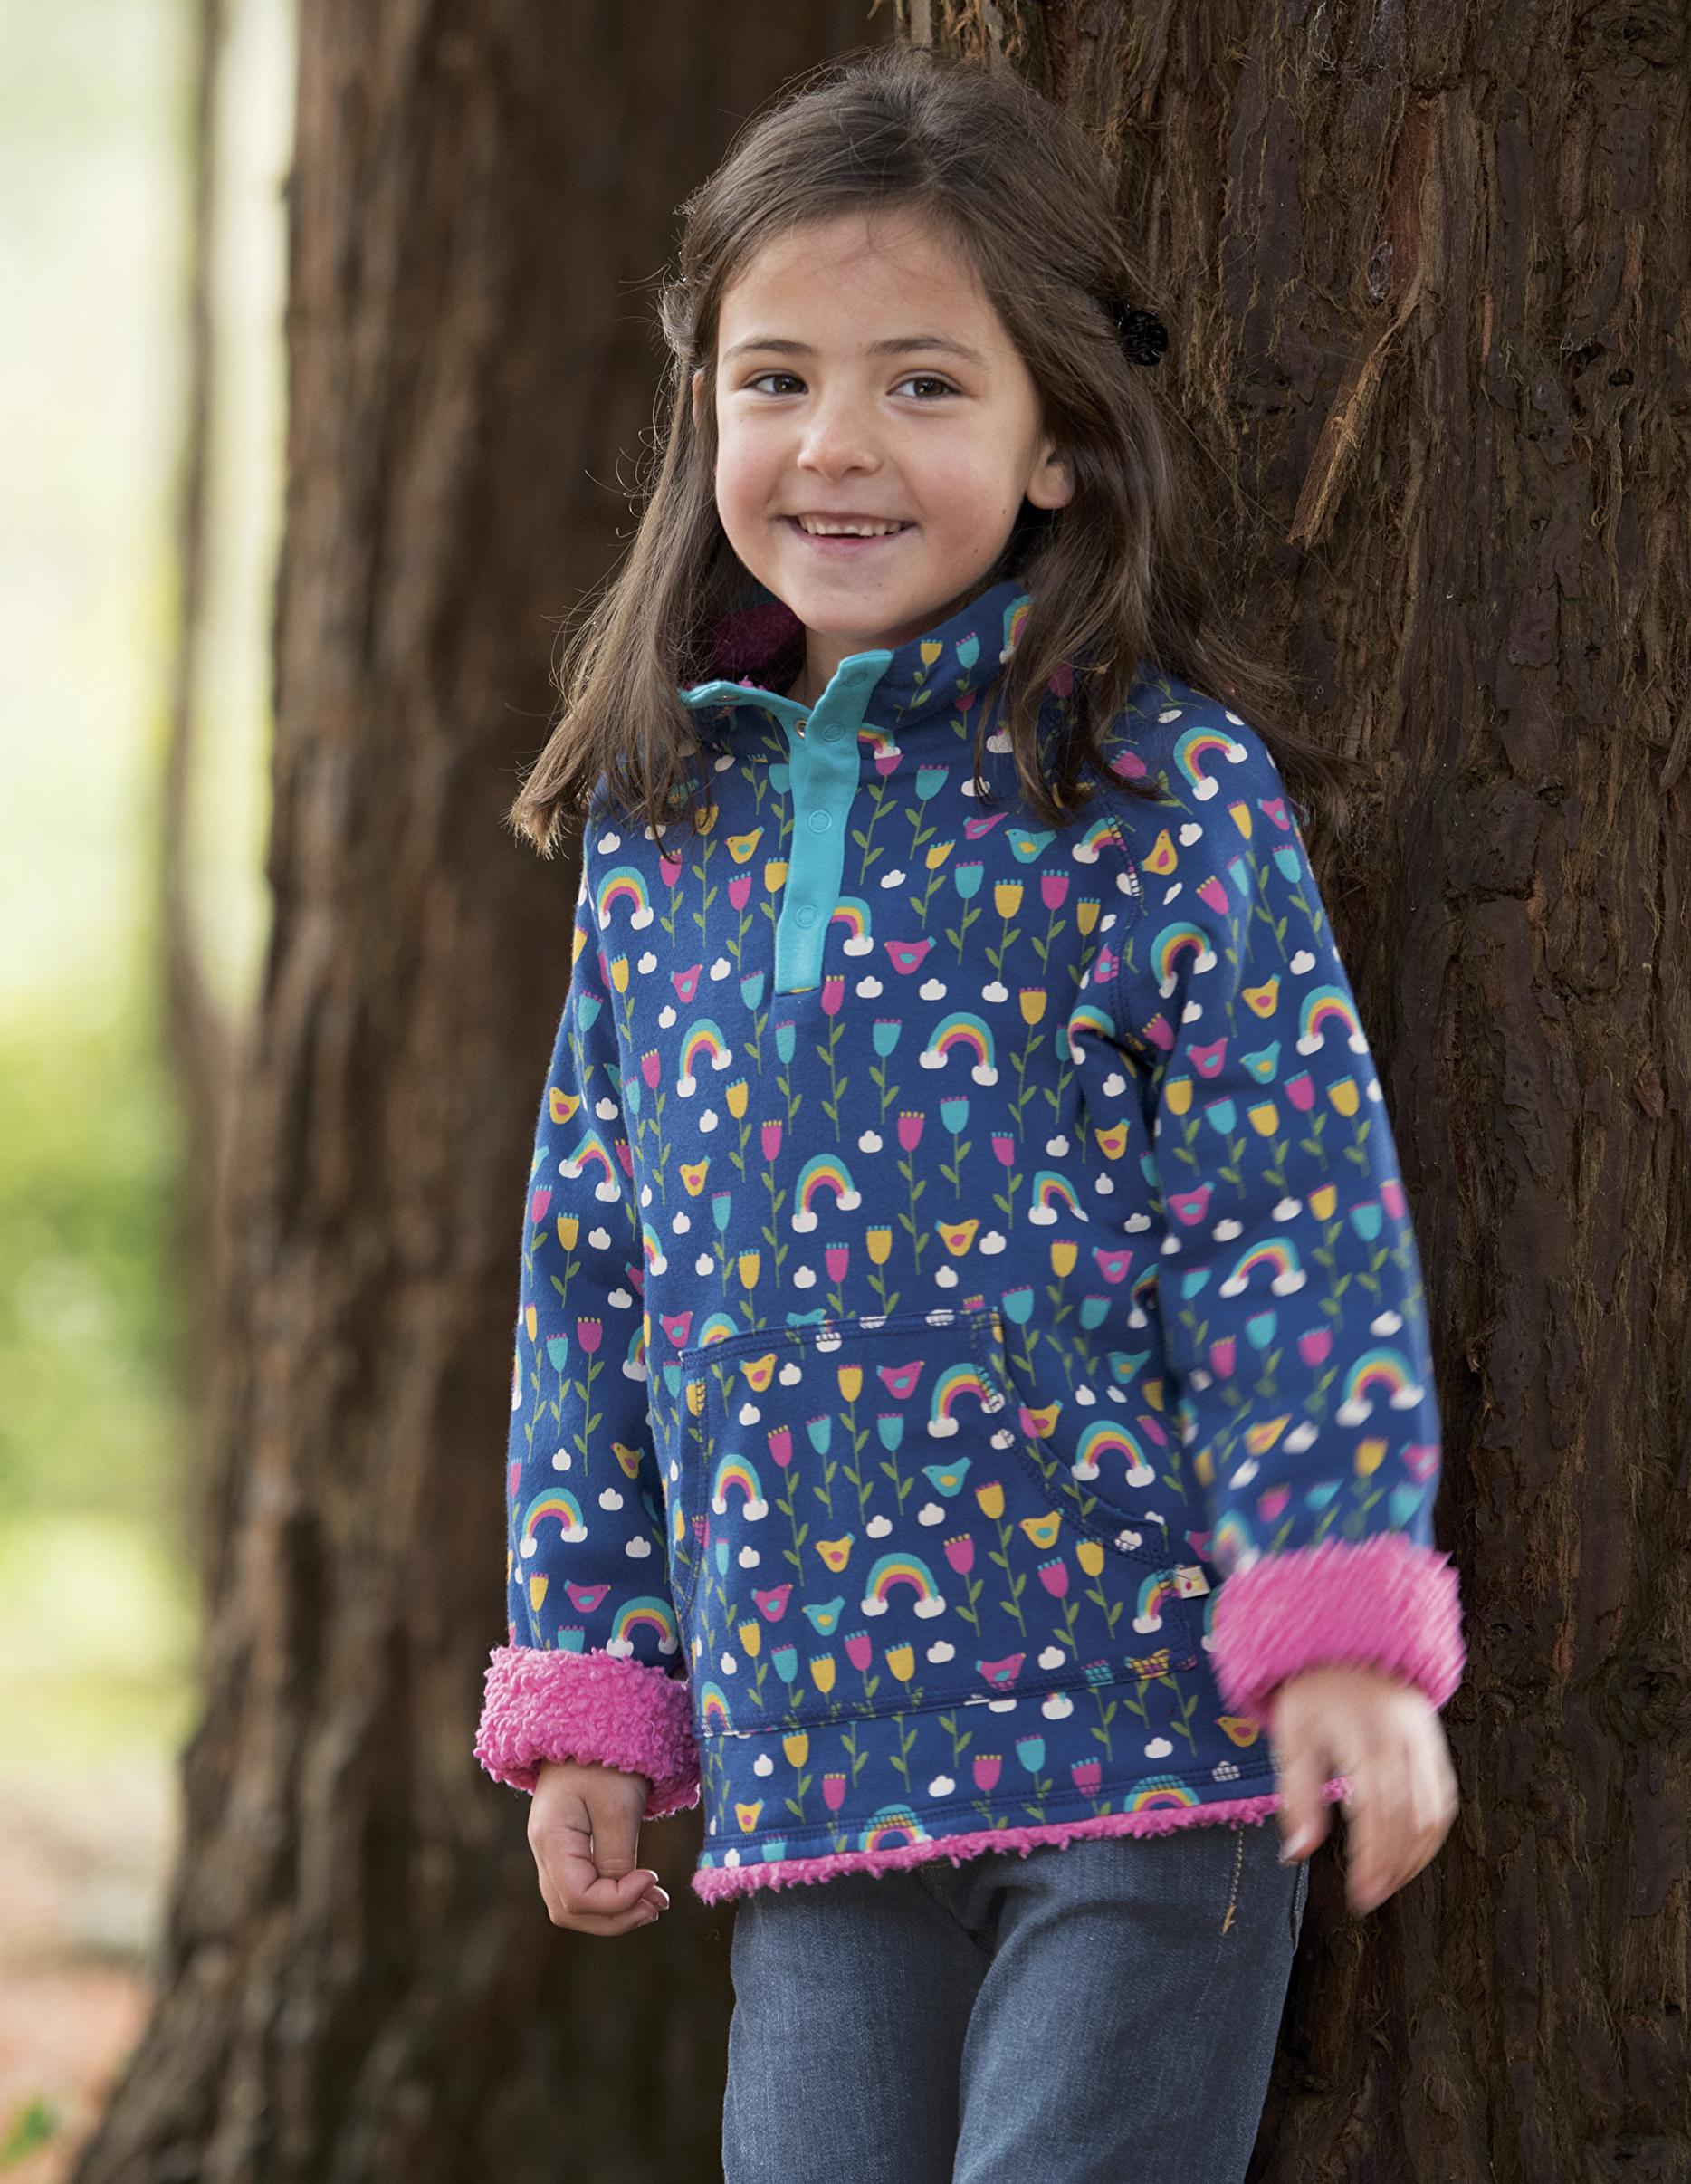 kidswear-designer-cornwall-frugi43.png